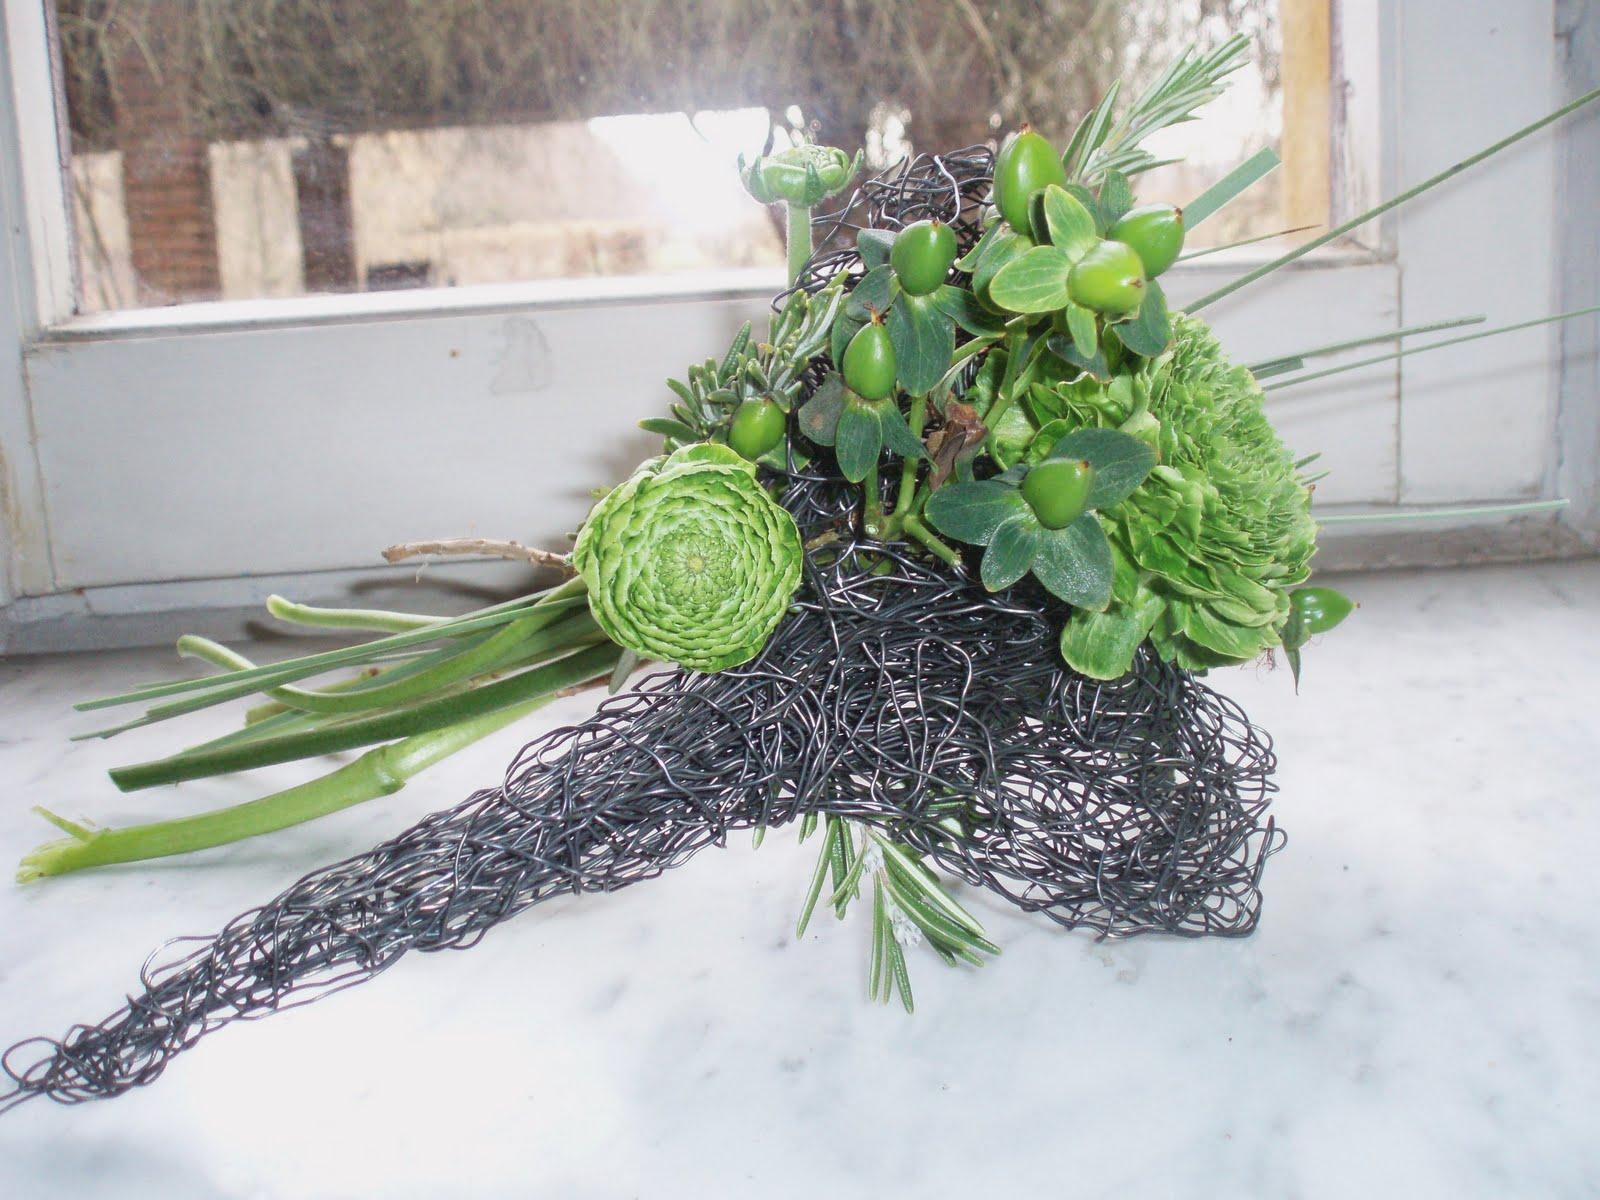 Il giardino sfumato divertirsi con il fil di ferro for Decorazioni in ferro per giardino